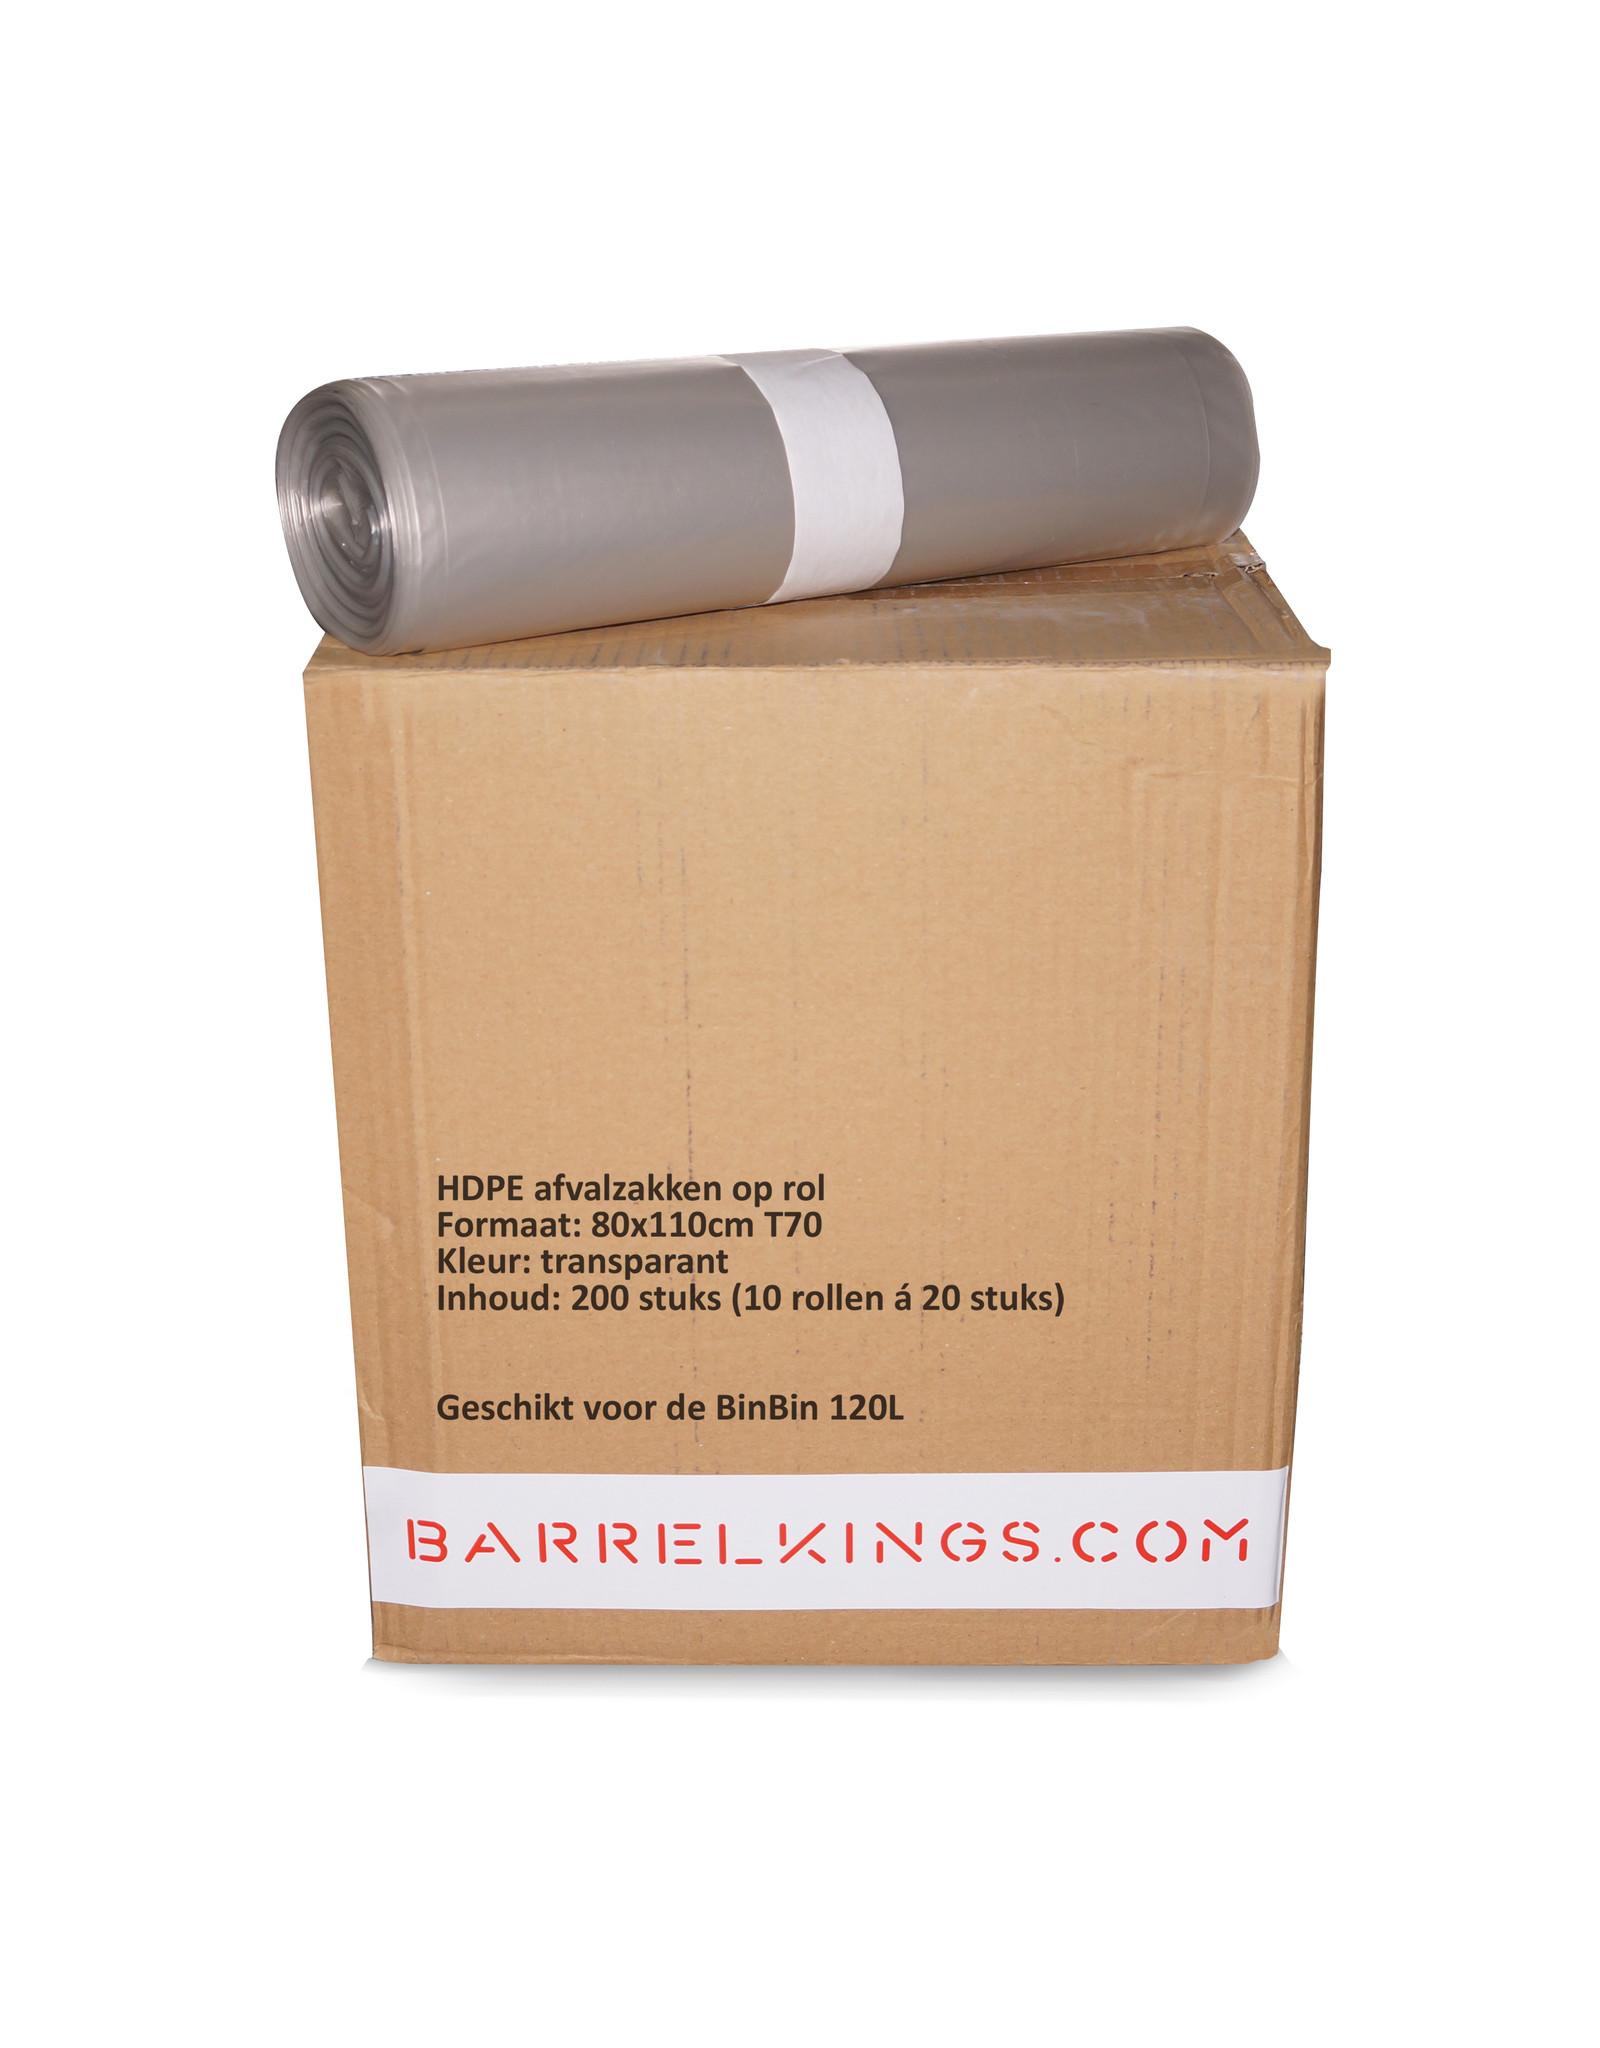 The Binbin BinBin Flame 120L Industriële prullenbak- olievat met vlamwerenddeksel